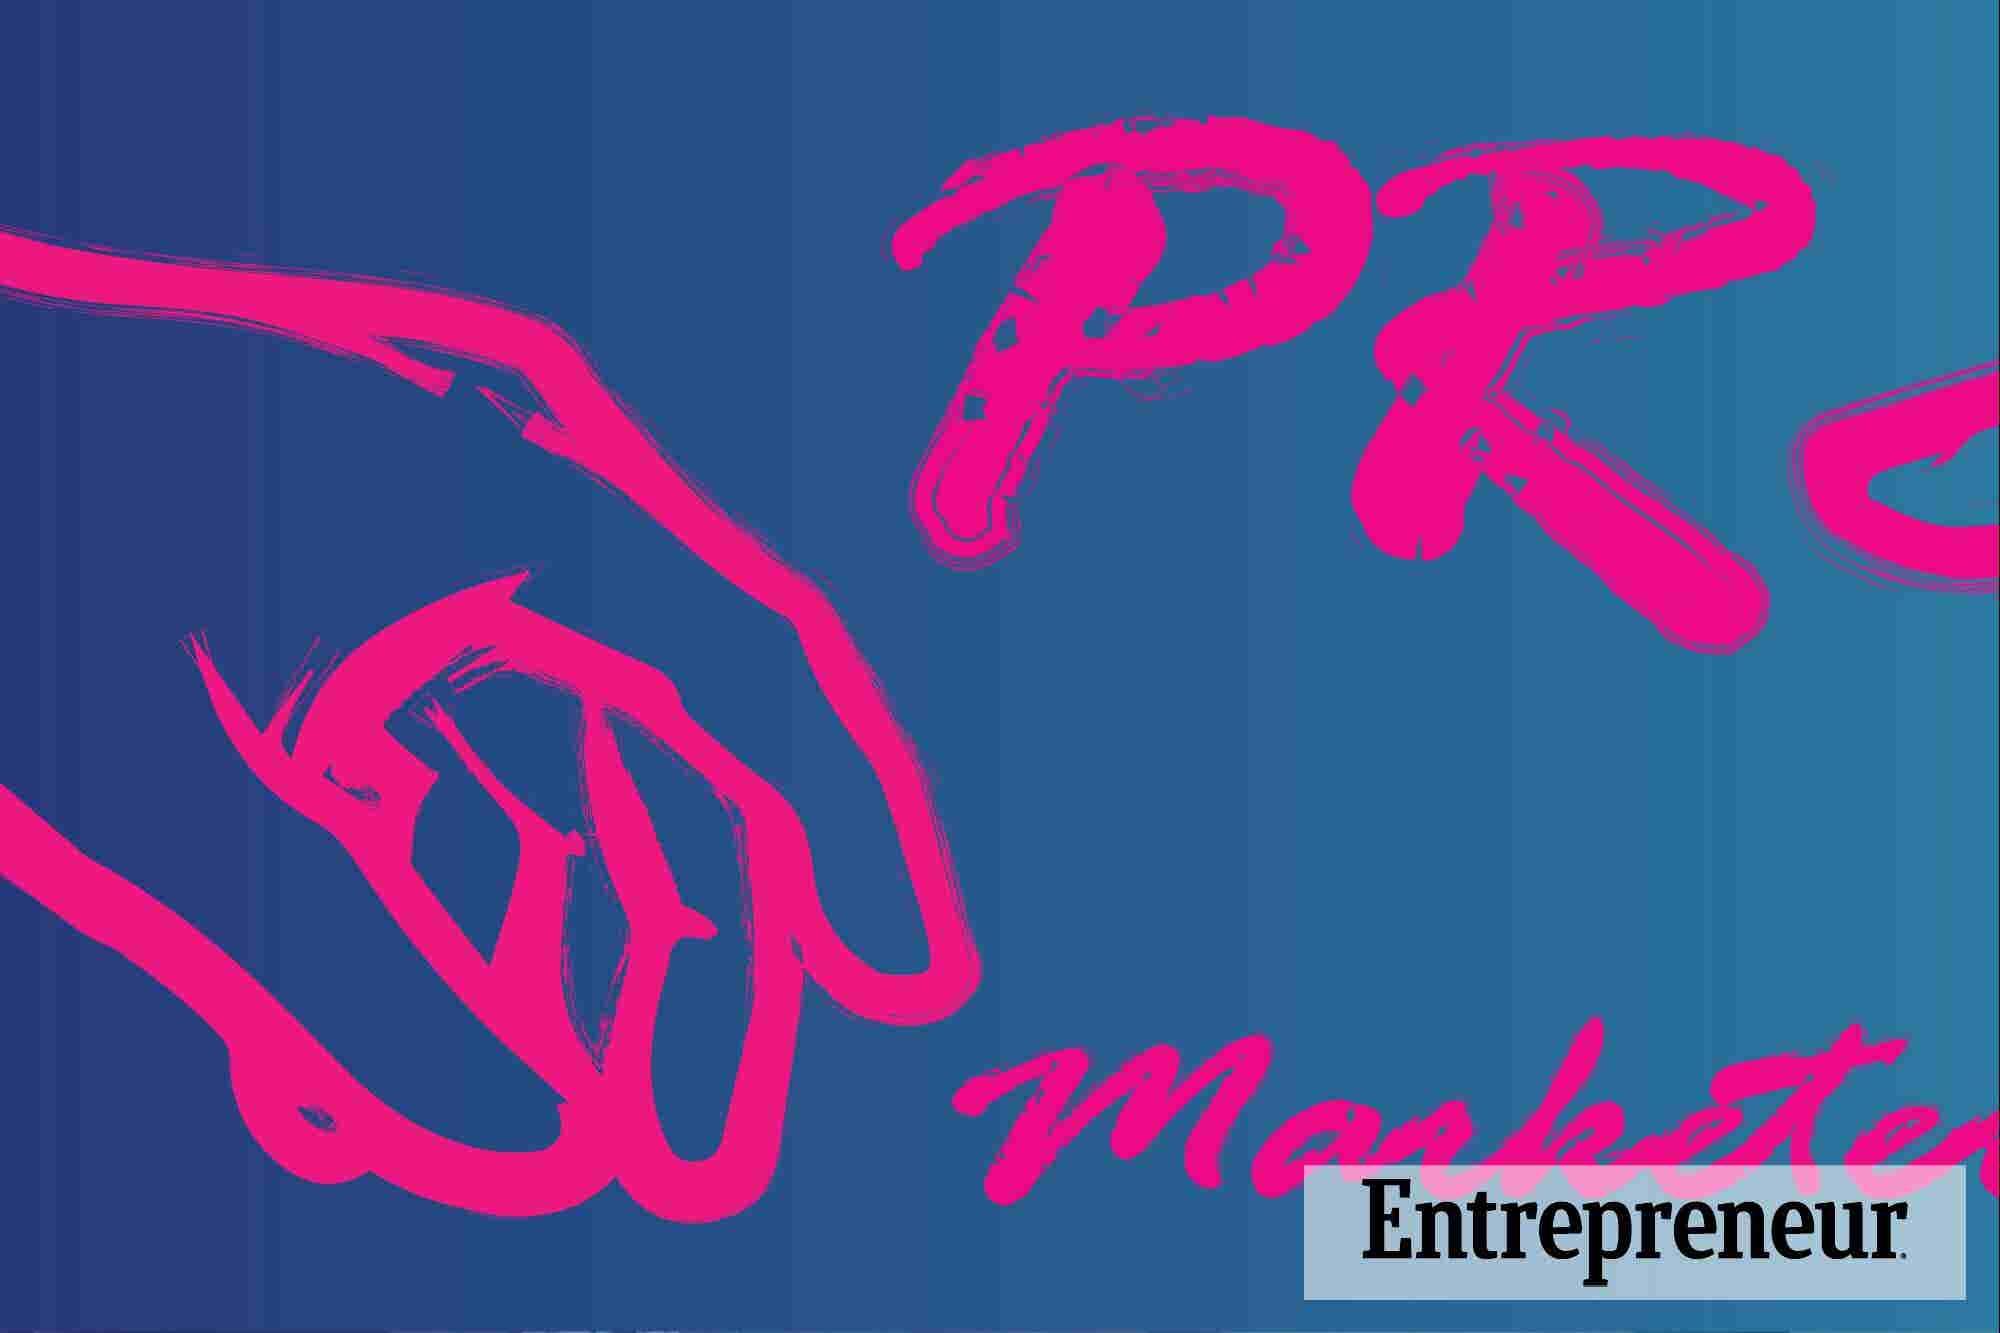 მარკეტერები, PR-ები და შაკიკი